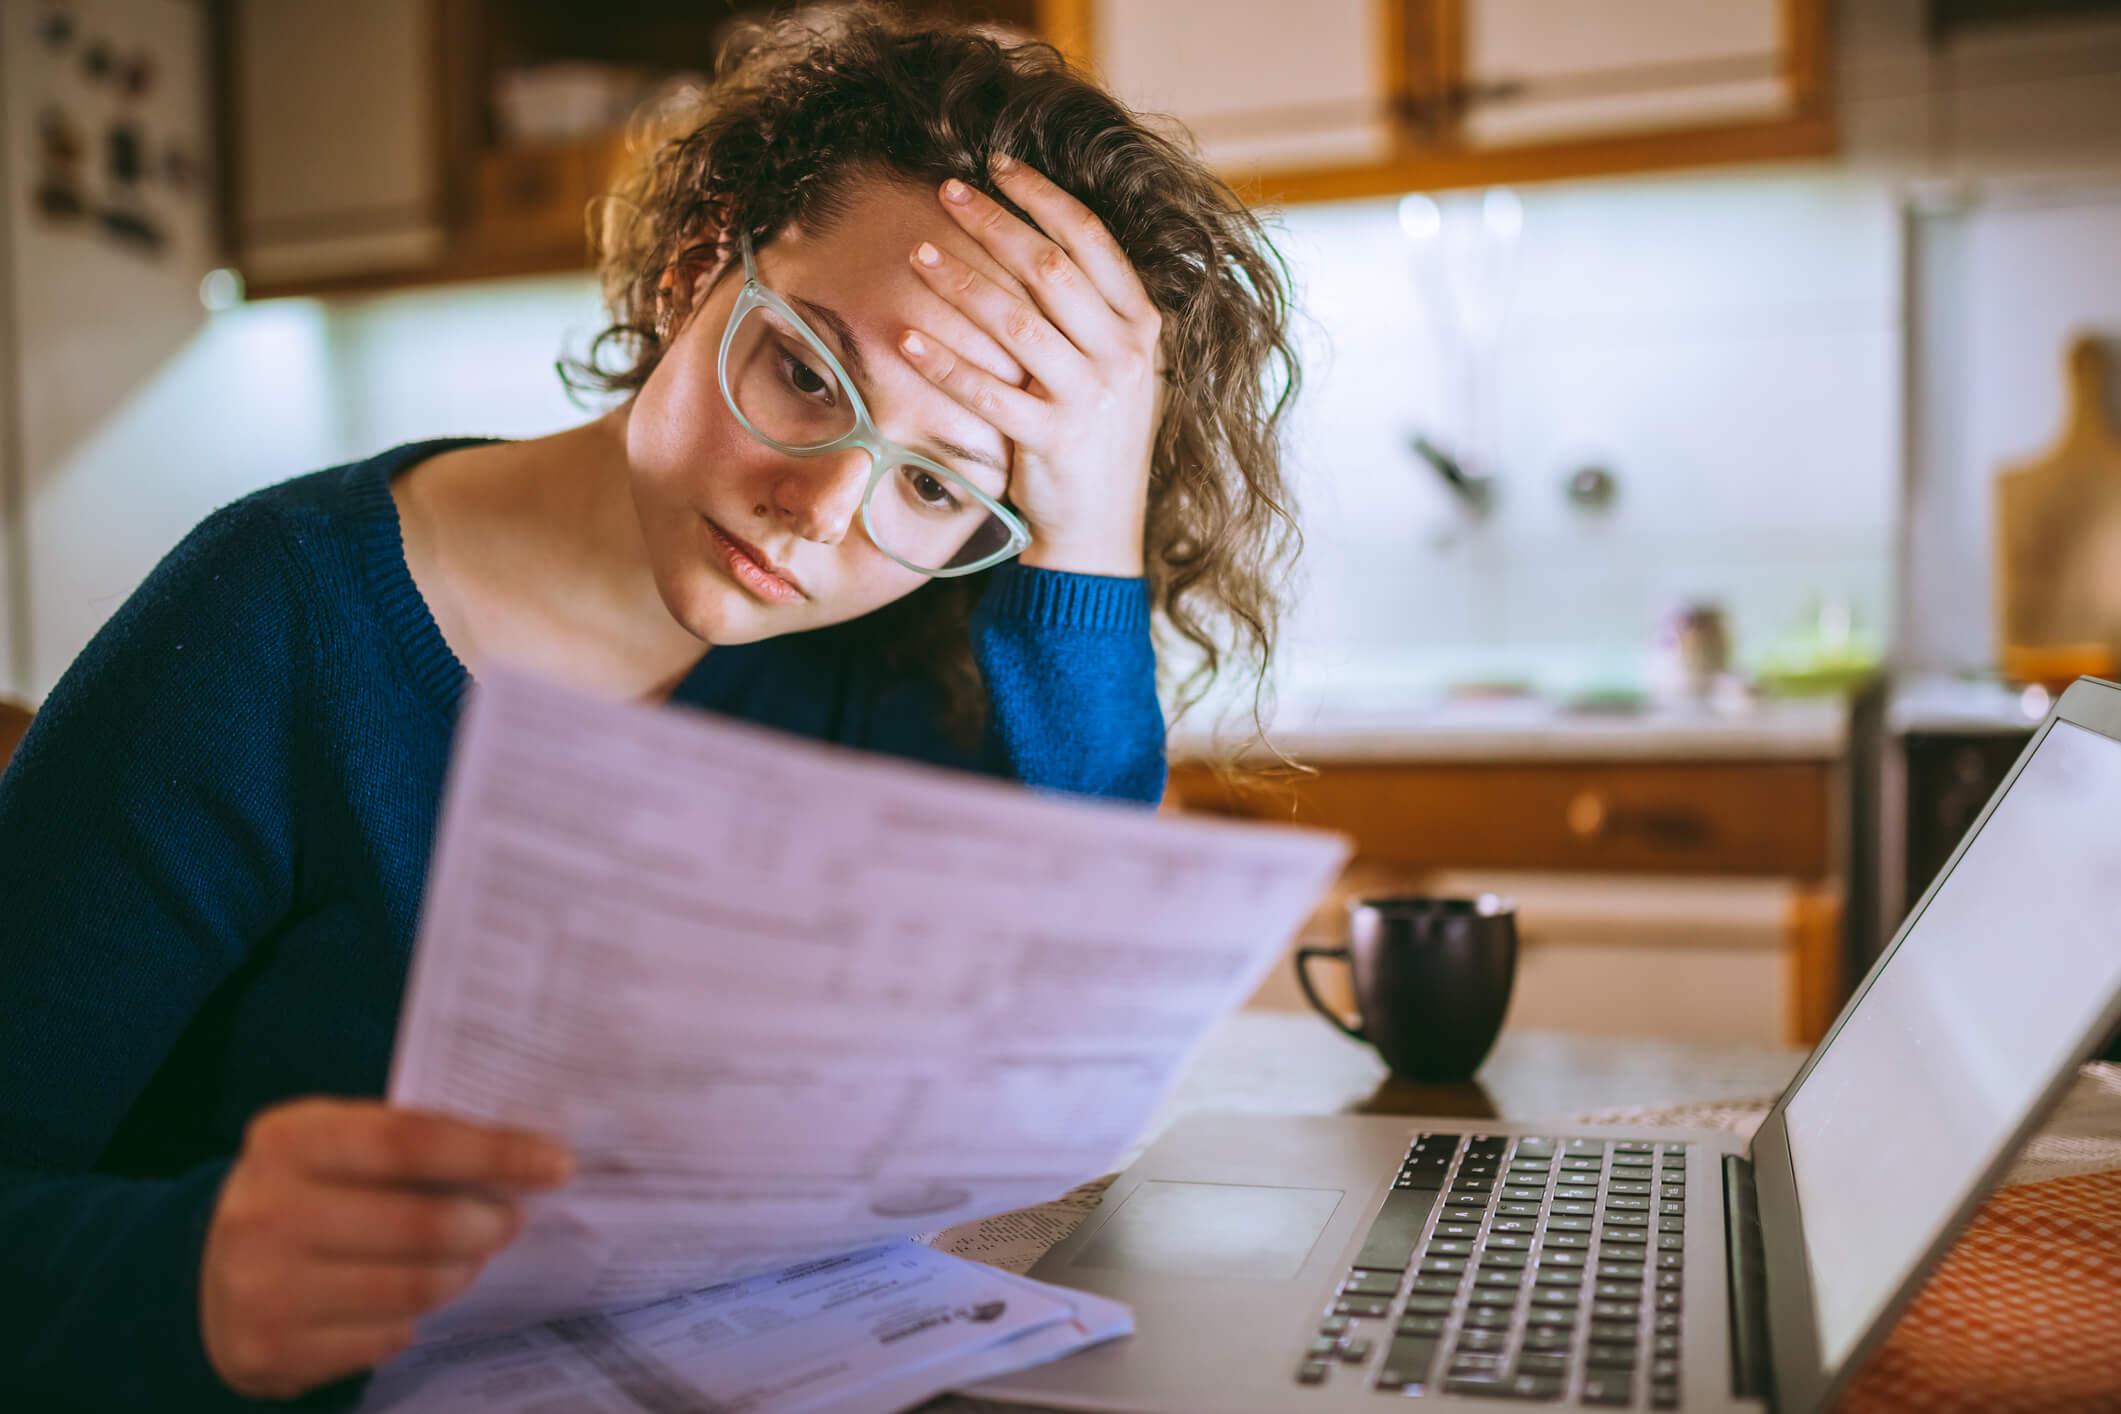 Persona leyendo sobre los impuestos que debe pagar en Uruguay